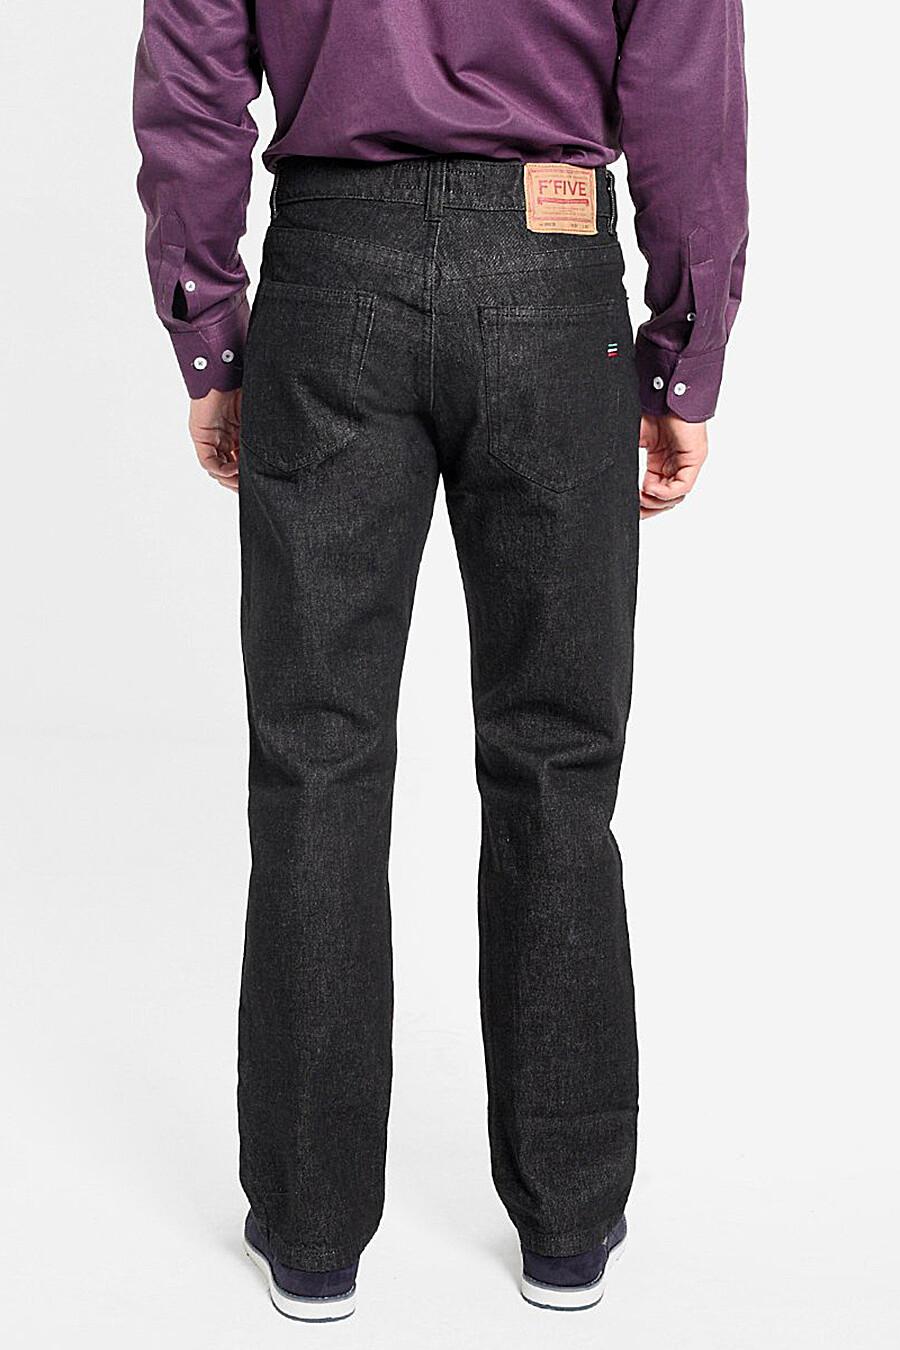 Джинсы для мужчин F5 158864 купить оптом от производителя. Совместная покупка мужской одежды в OptMoyo